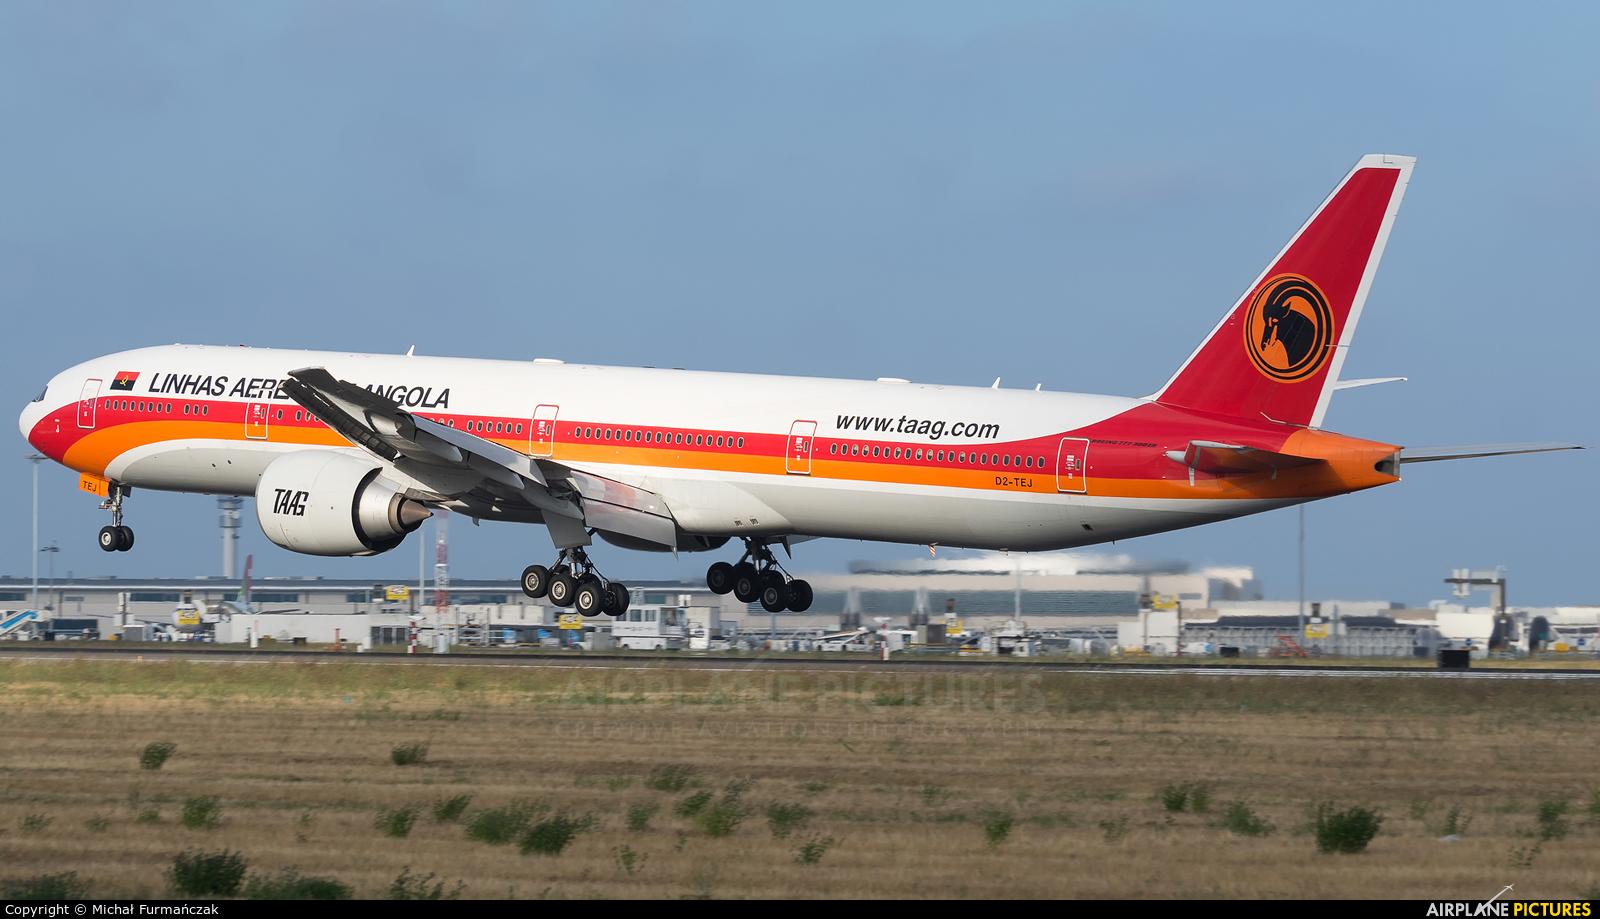 TAAG - Angola Airlines D2-TEJ aircraft at Lisbon